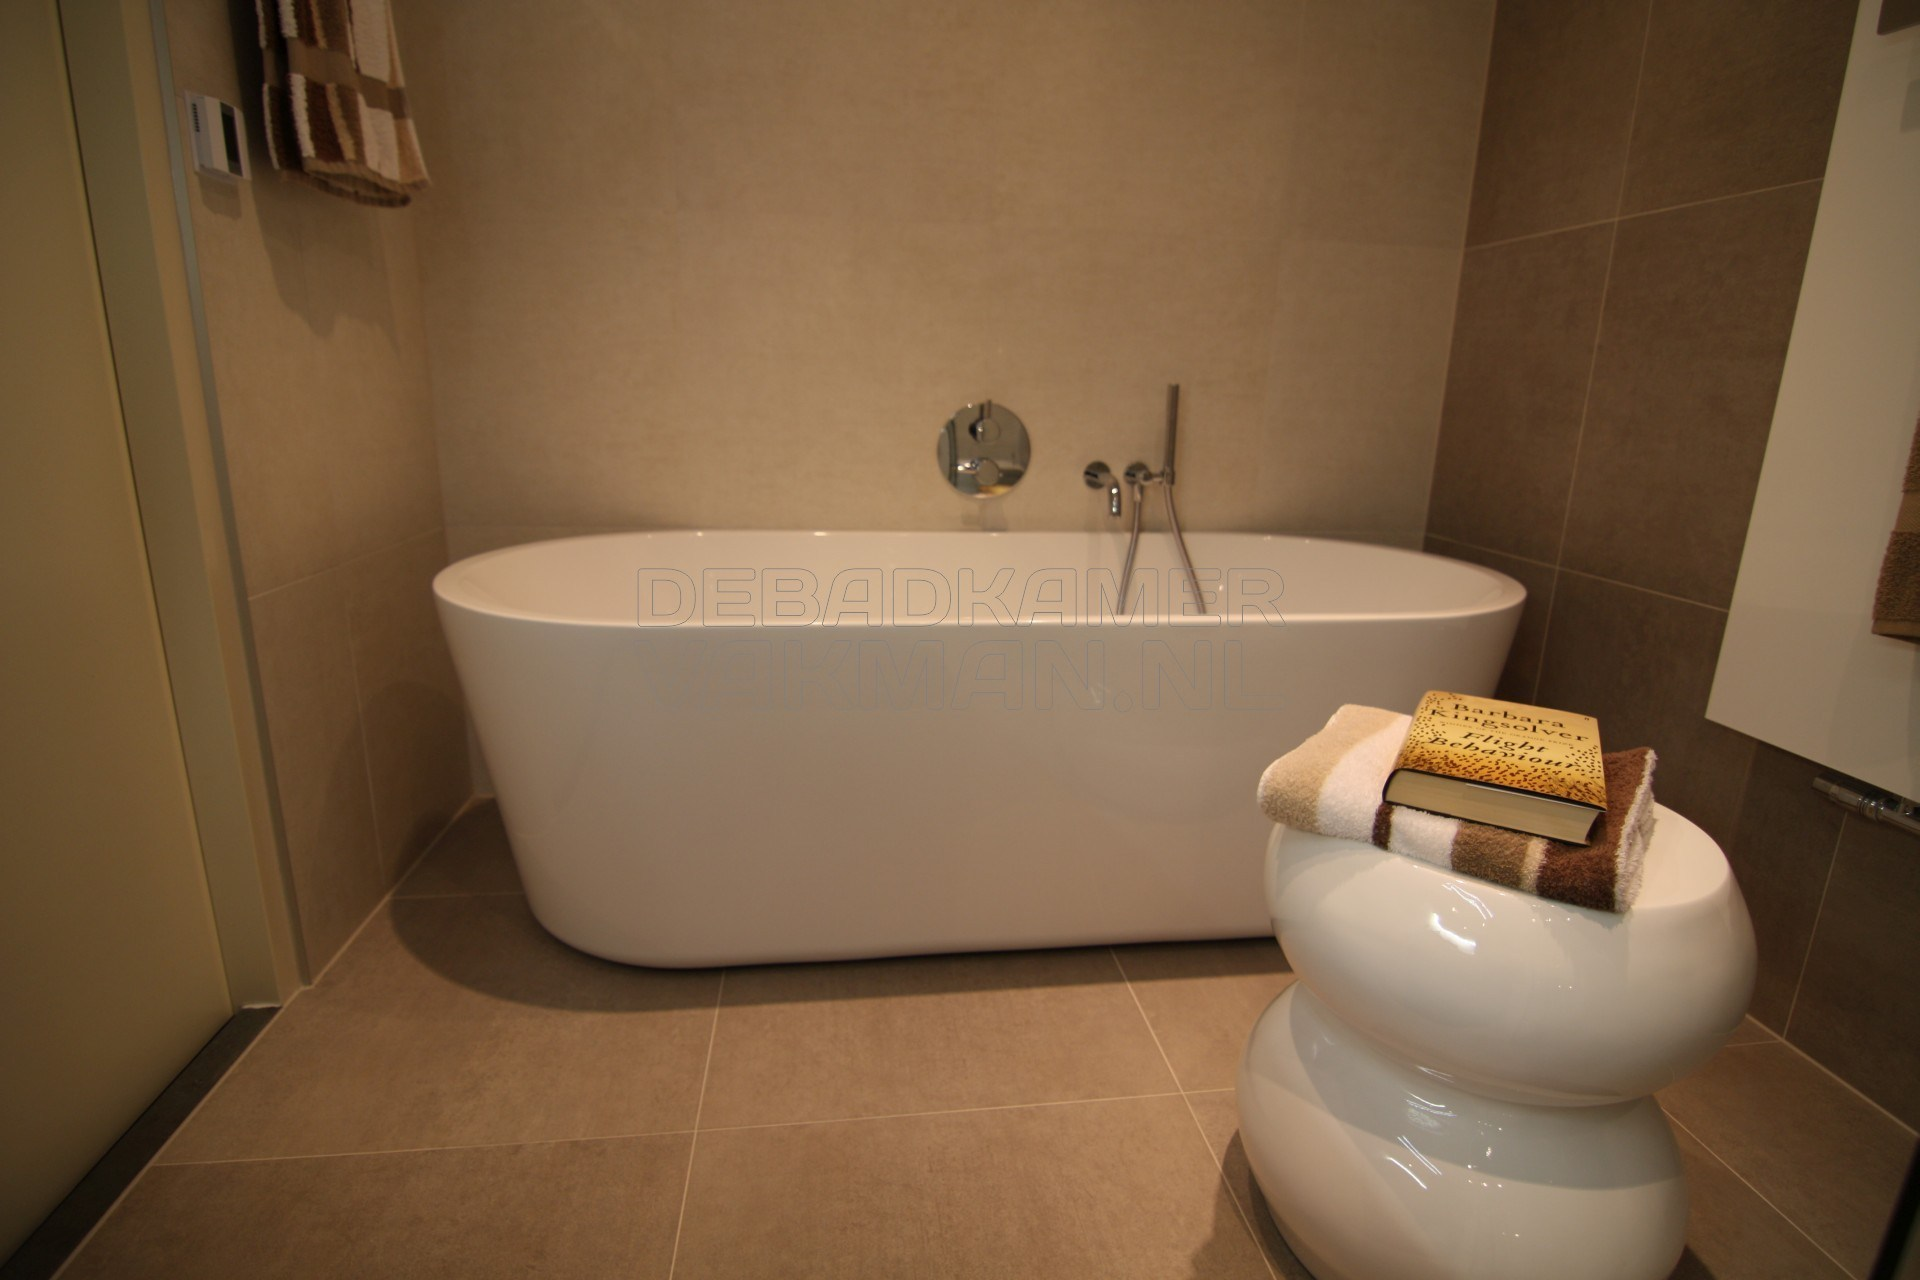 Gestucte Badkamer Nadelen : Home badkamervakman complete badkamer verbouwingen